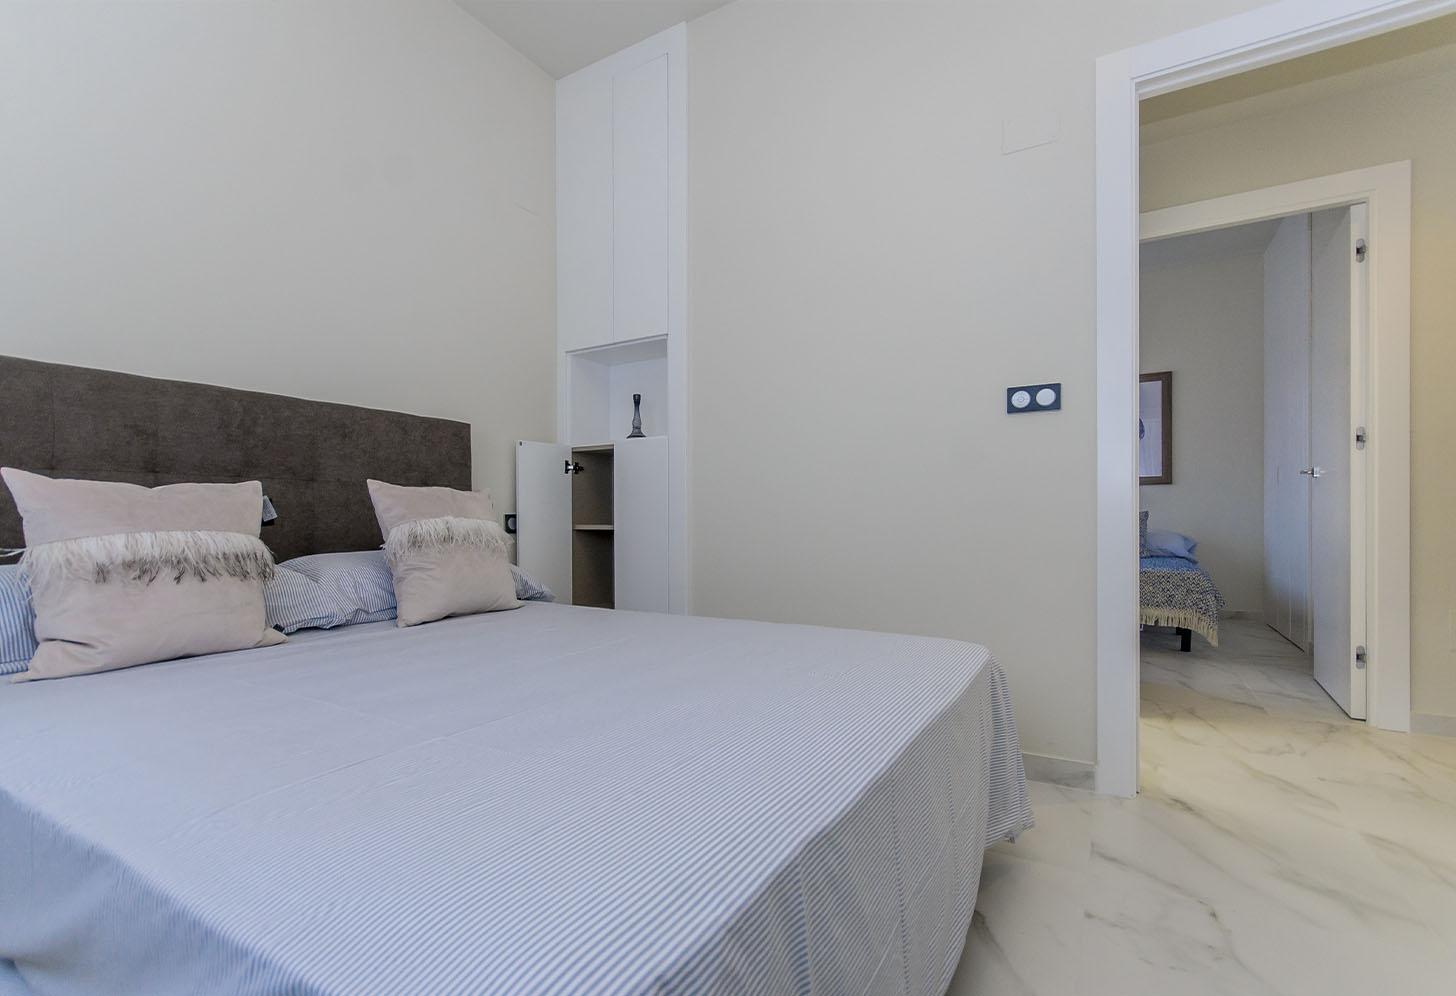 immobilier neuf espagne costa blanca on-p1 castalla chambre 3